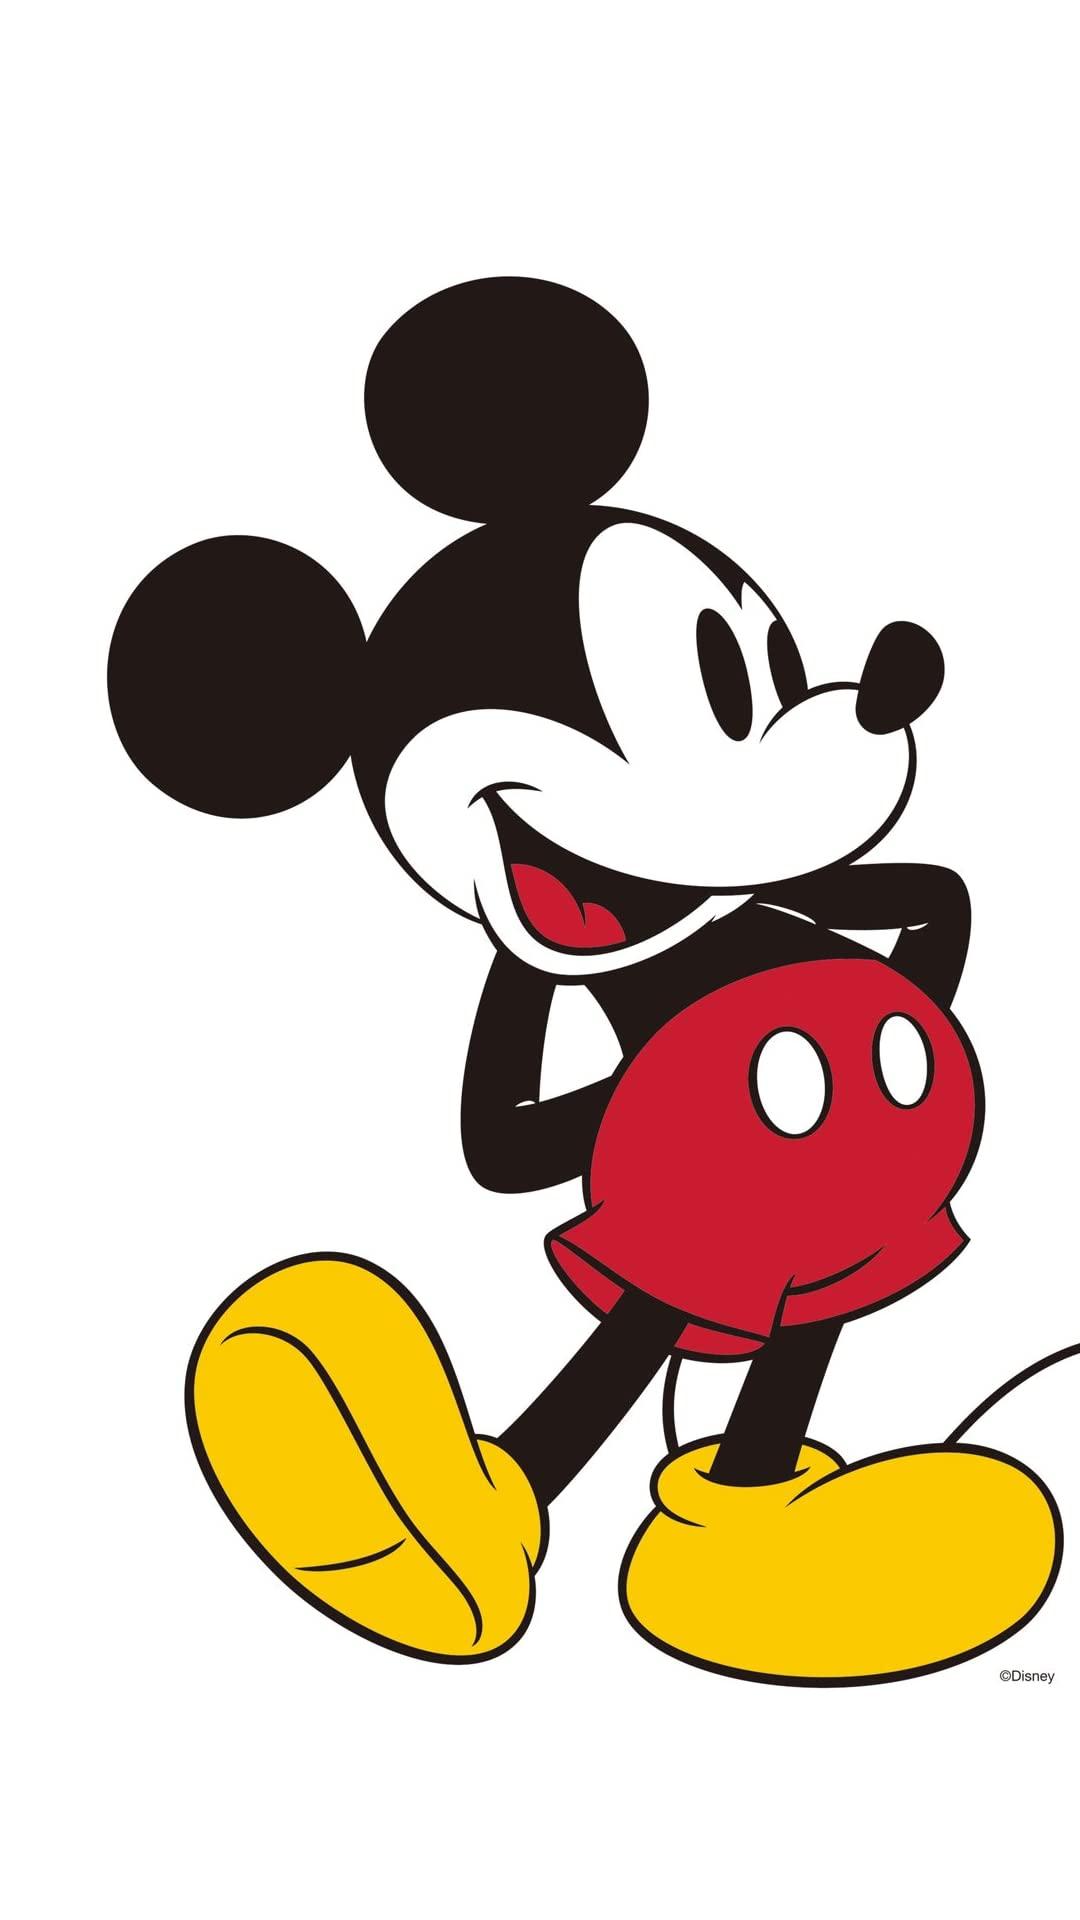 ディズニー ミッキーマウス Pen 2010年 12 15号の表紙 フルhd 1080 1920